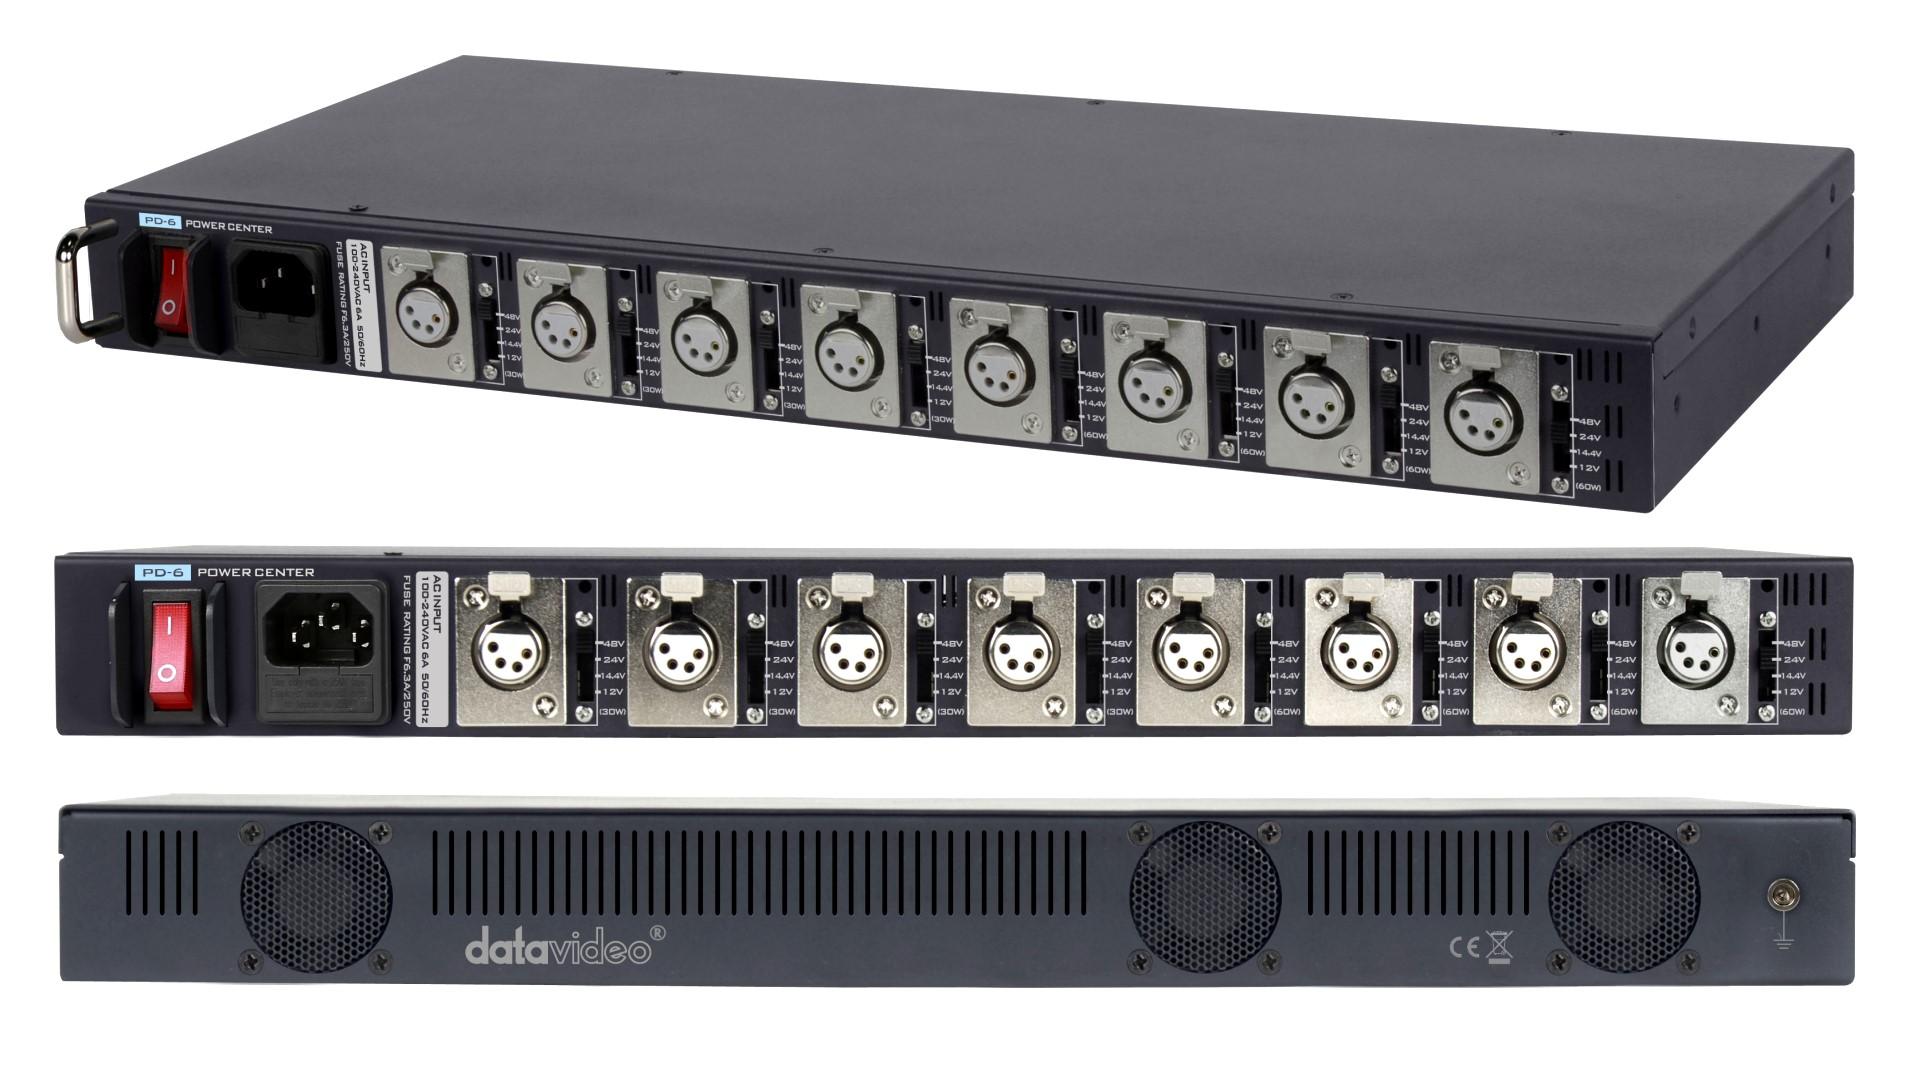 Foto datavideo Universal Stromversorgung PD-6 für 12-48 Volt XLR Rack-Geräte